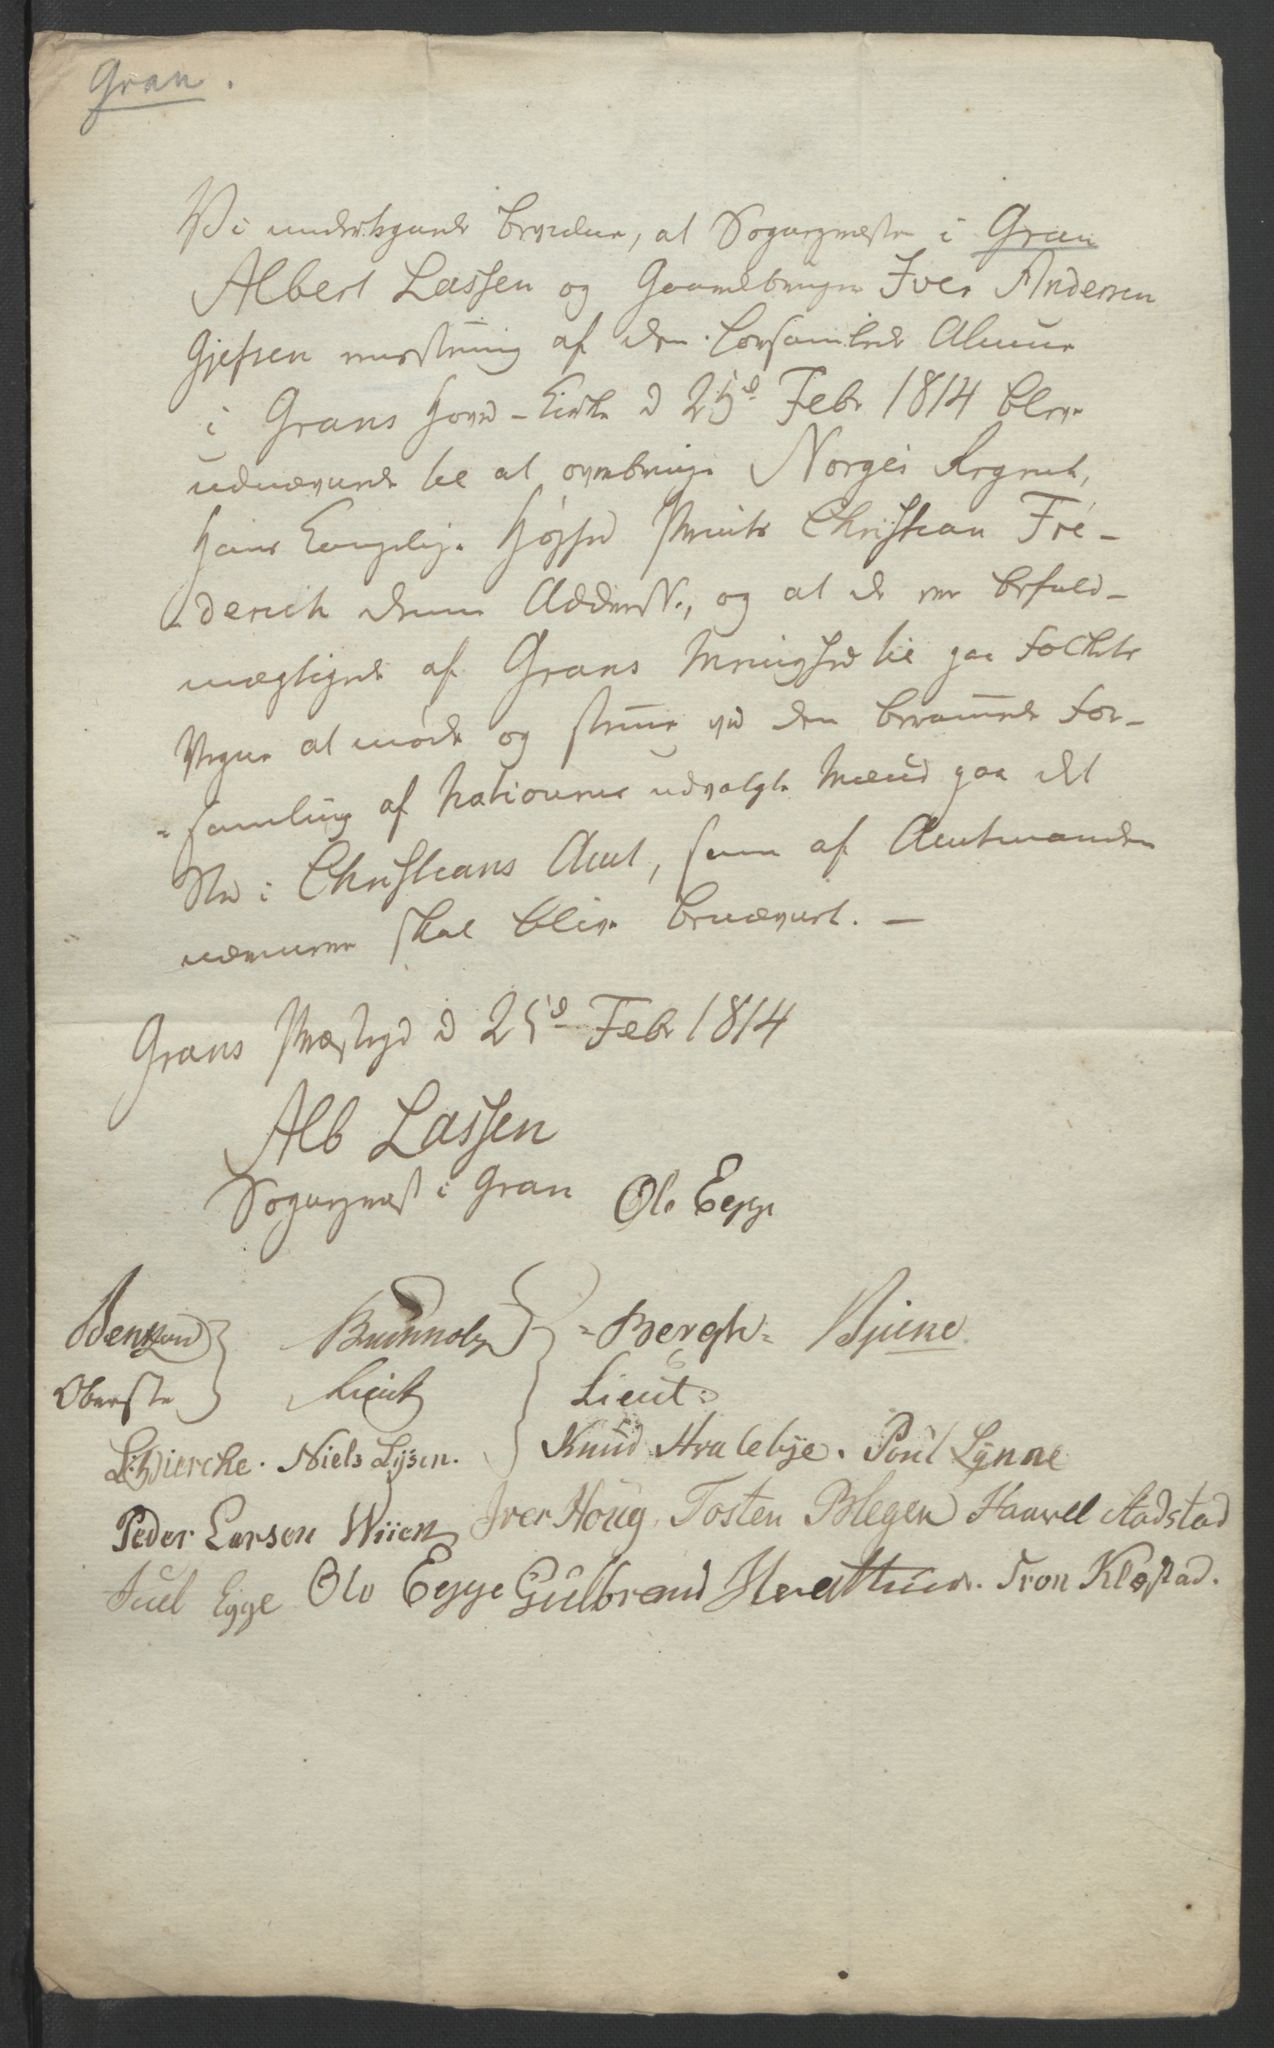 RA, Statsrådssekretariatet, D/Db/L0007: Fullmakter for Eidsvollsrepresentantene i 1814. , 1814, s. 262